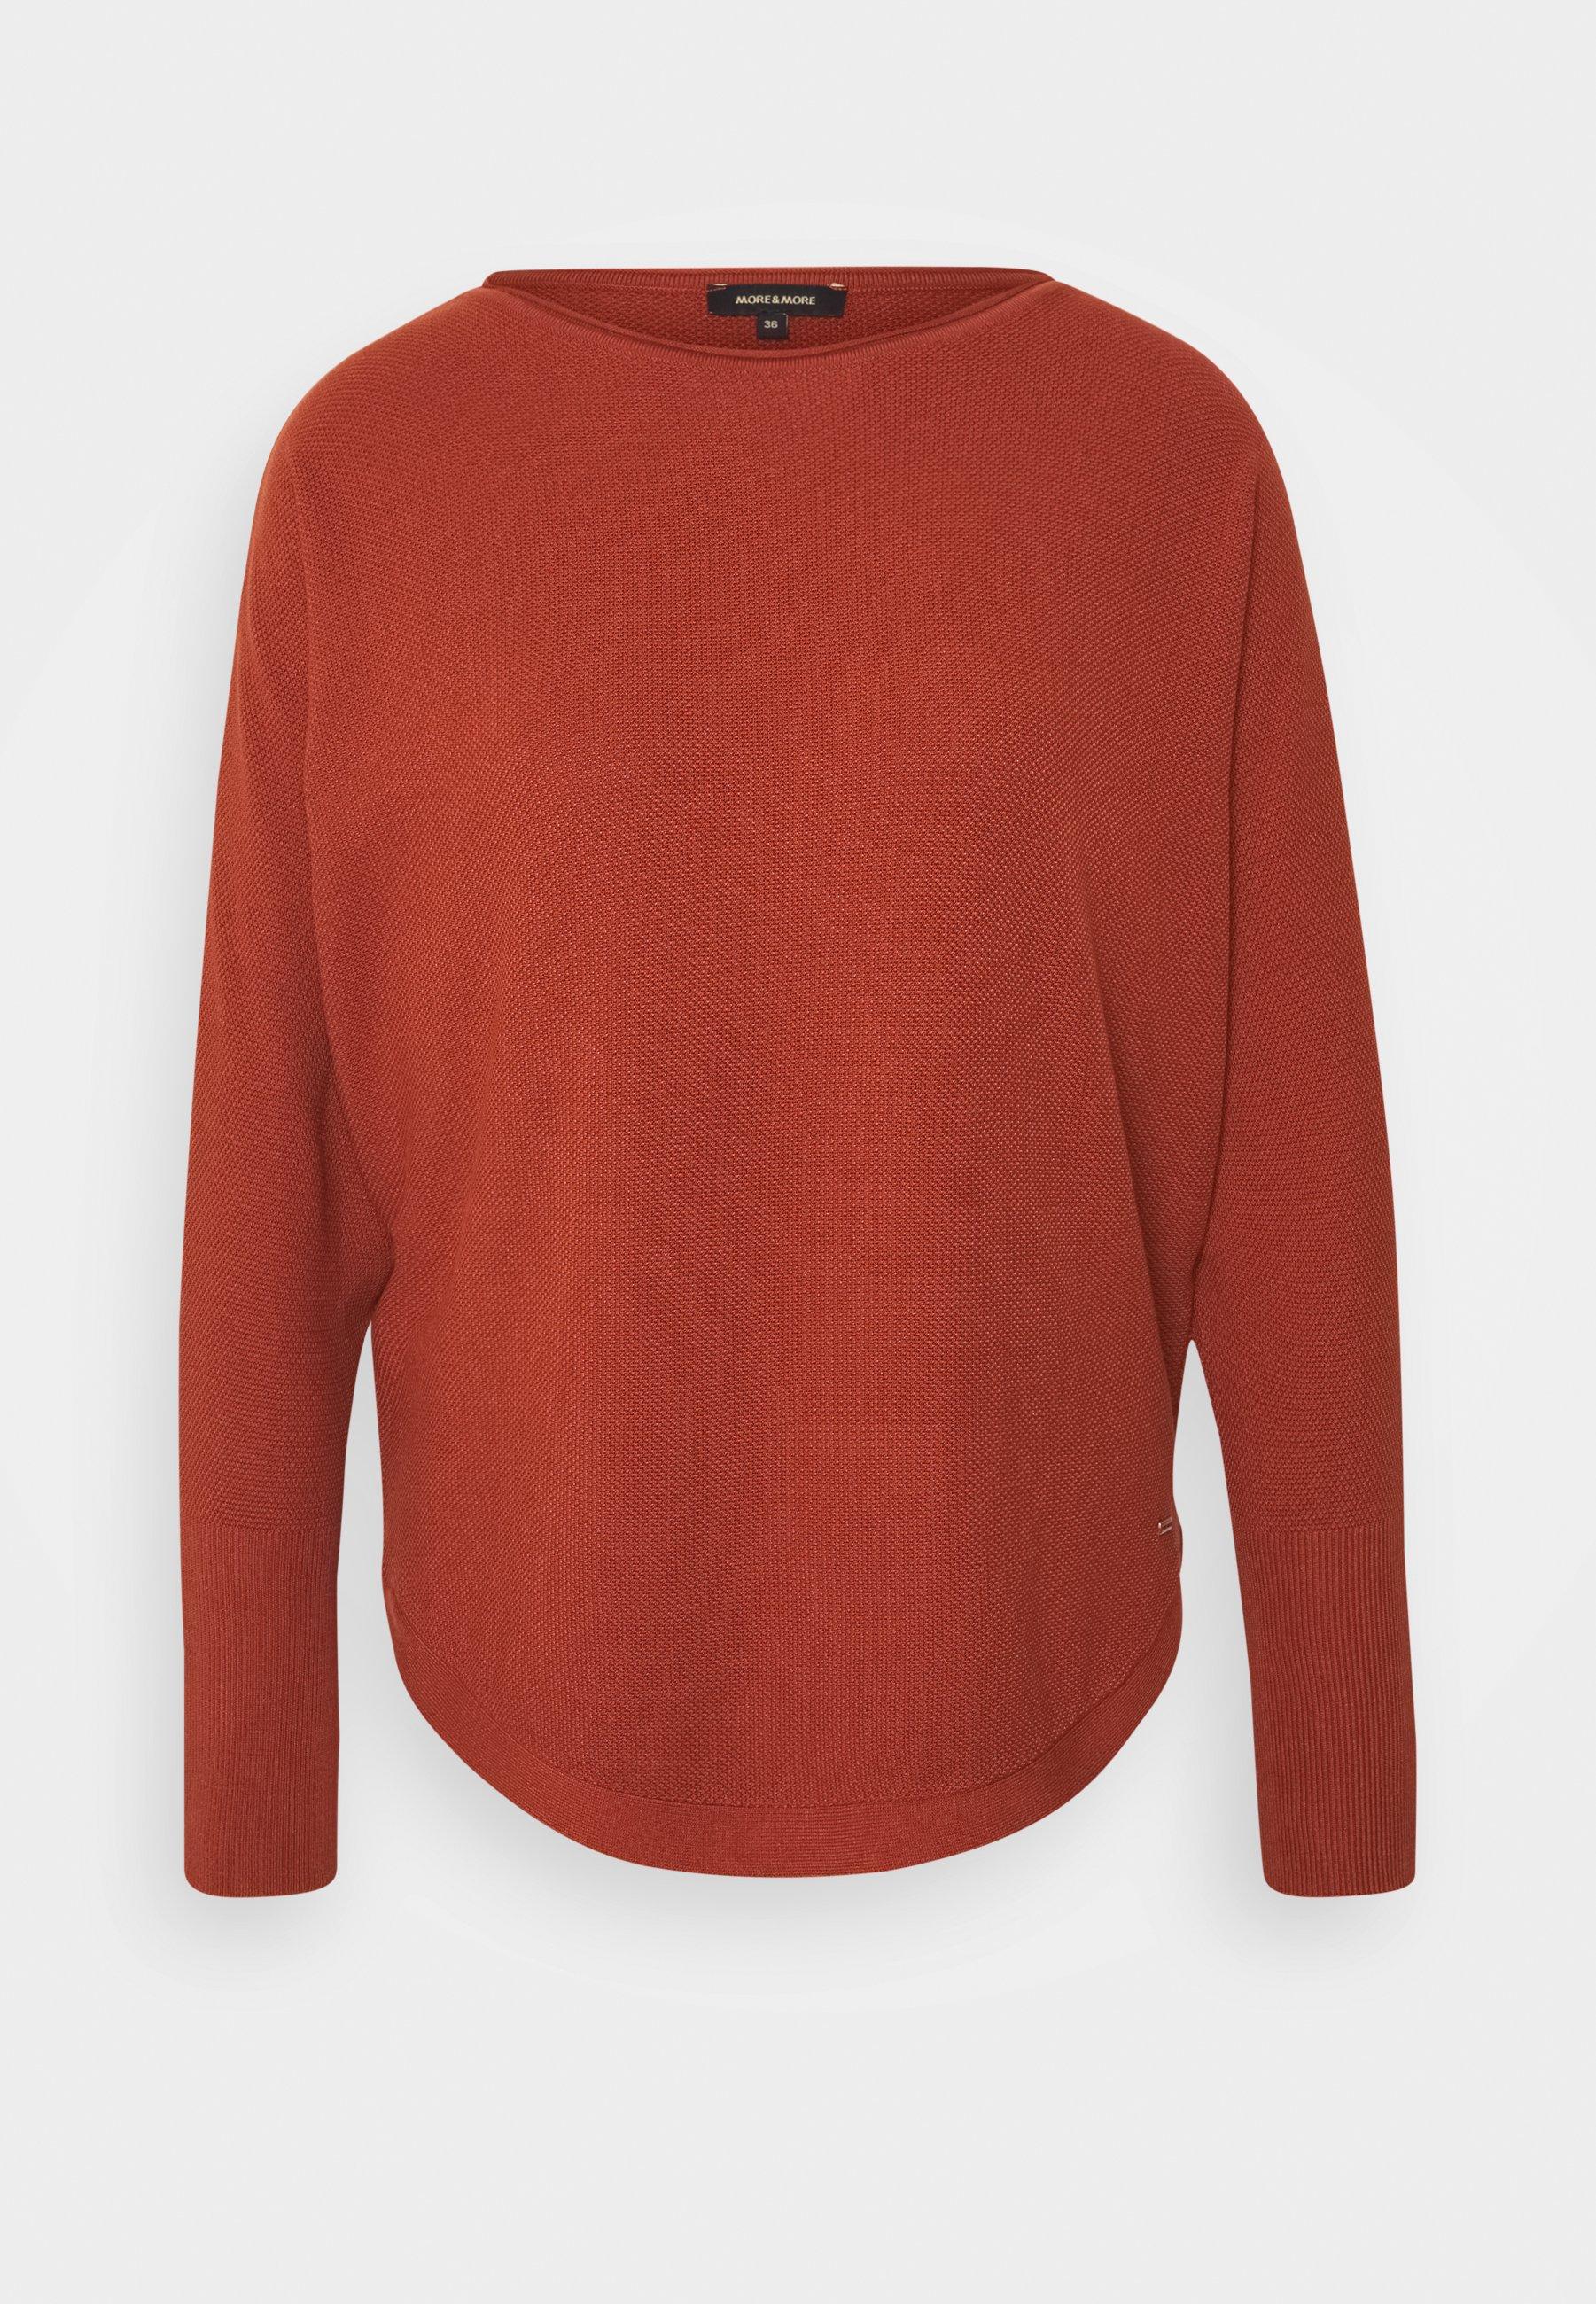 More & More Sweater terracottametallic rood Zalando.nl